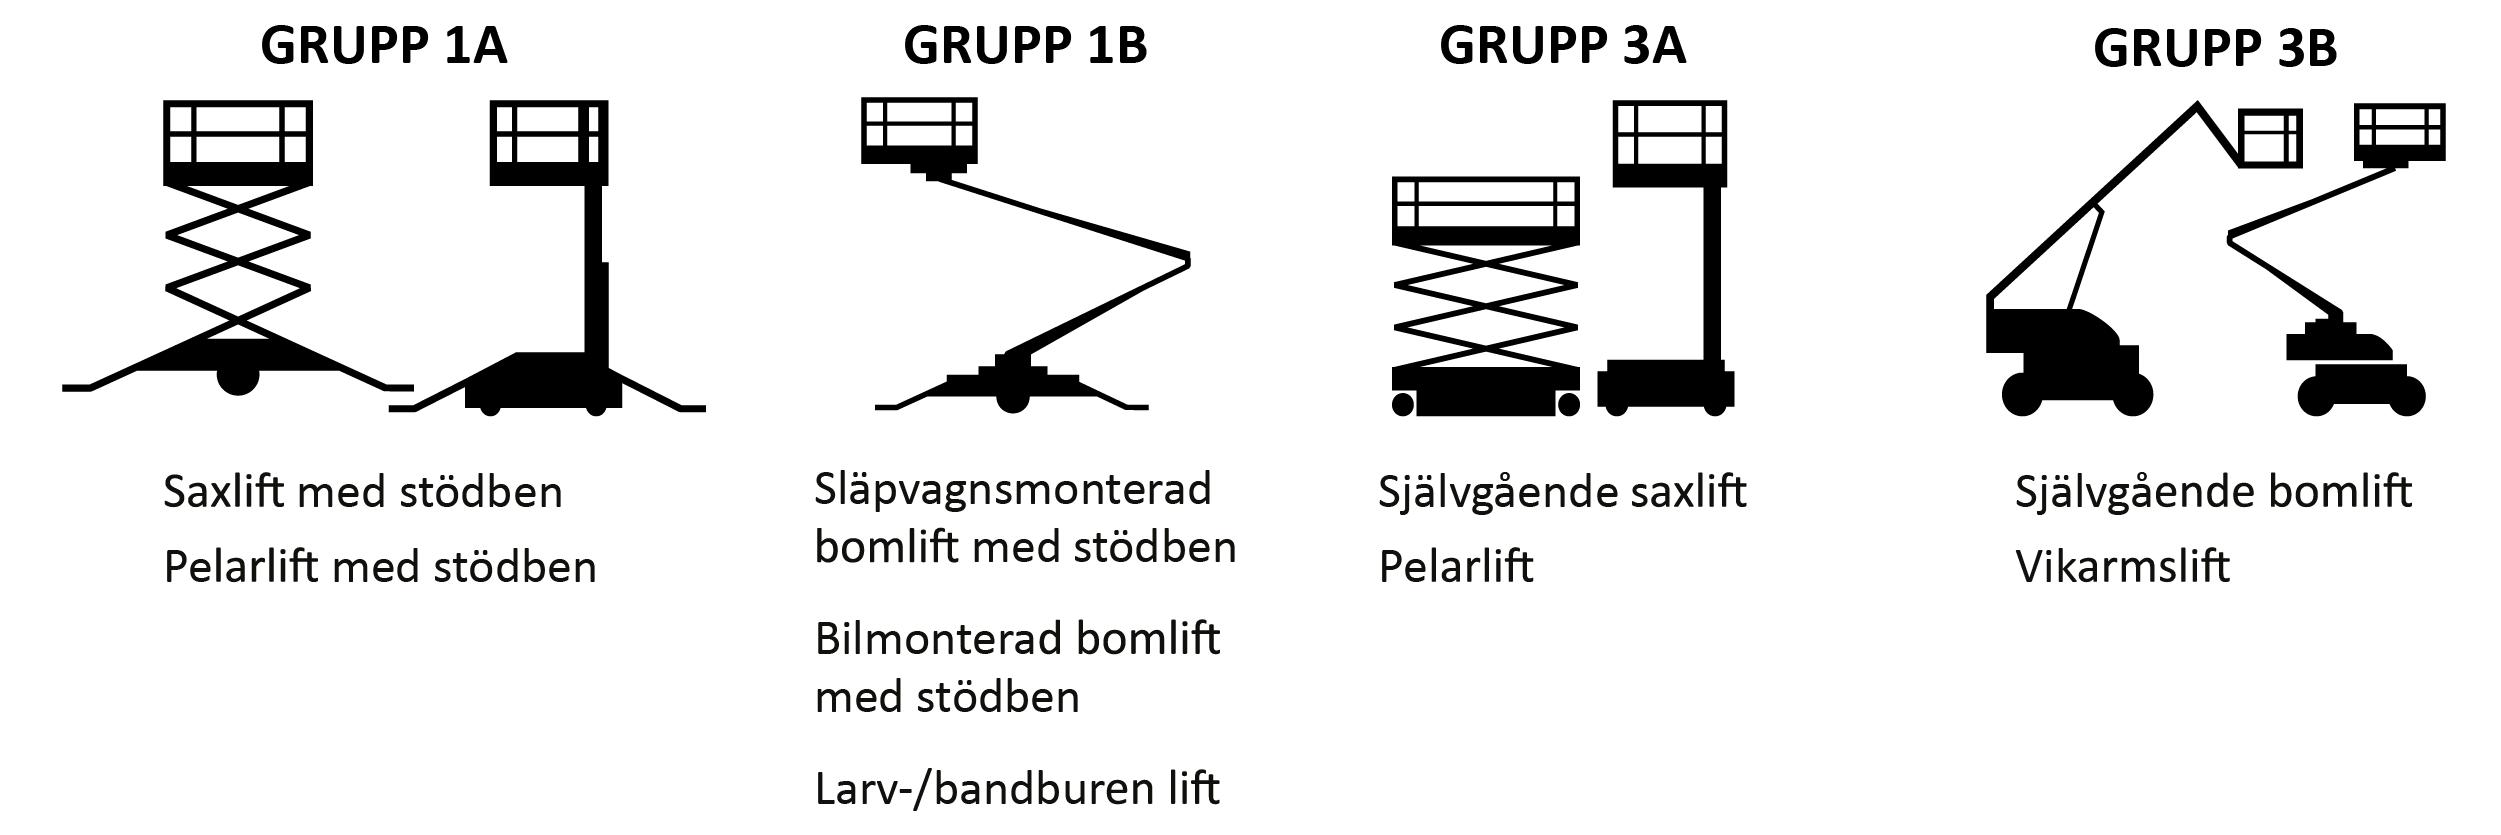 LiftA1A3B1B3 | Säkra Utbildningar